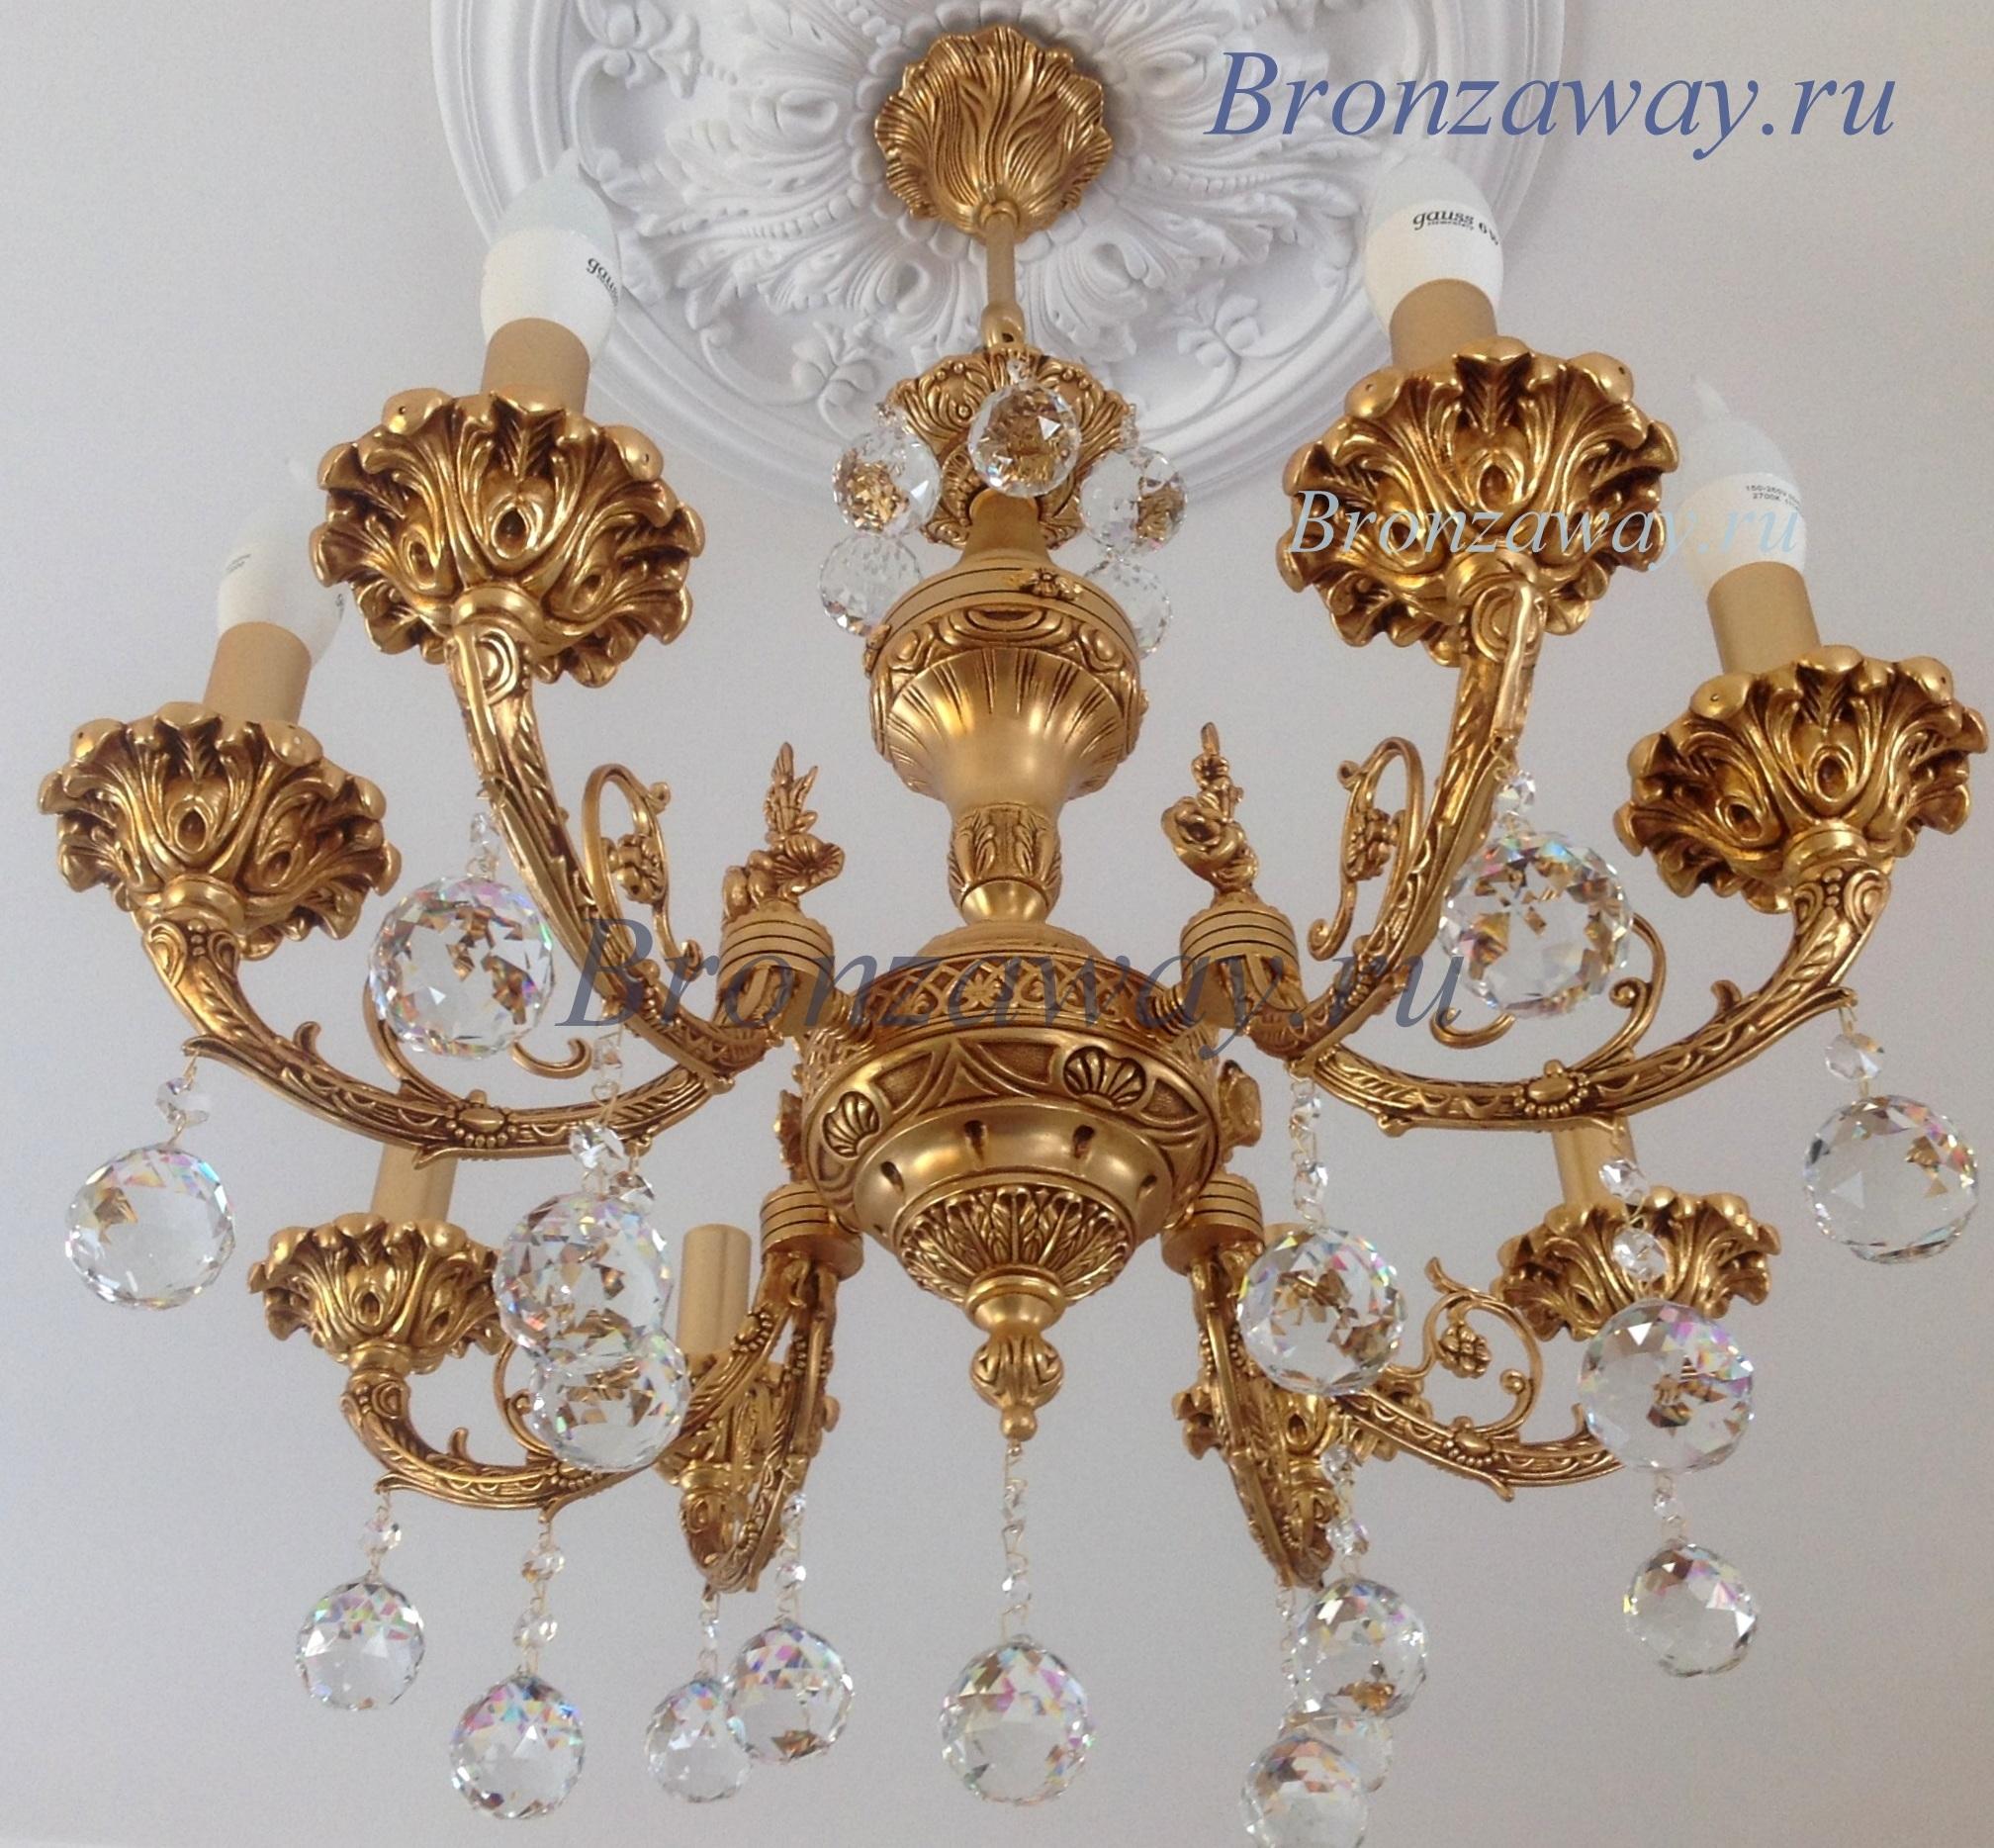 Потолочные люстры - недорого купить в Москве с доставкой в